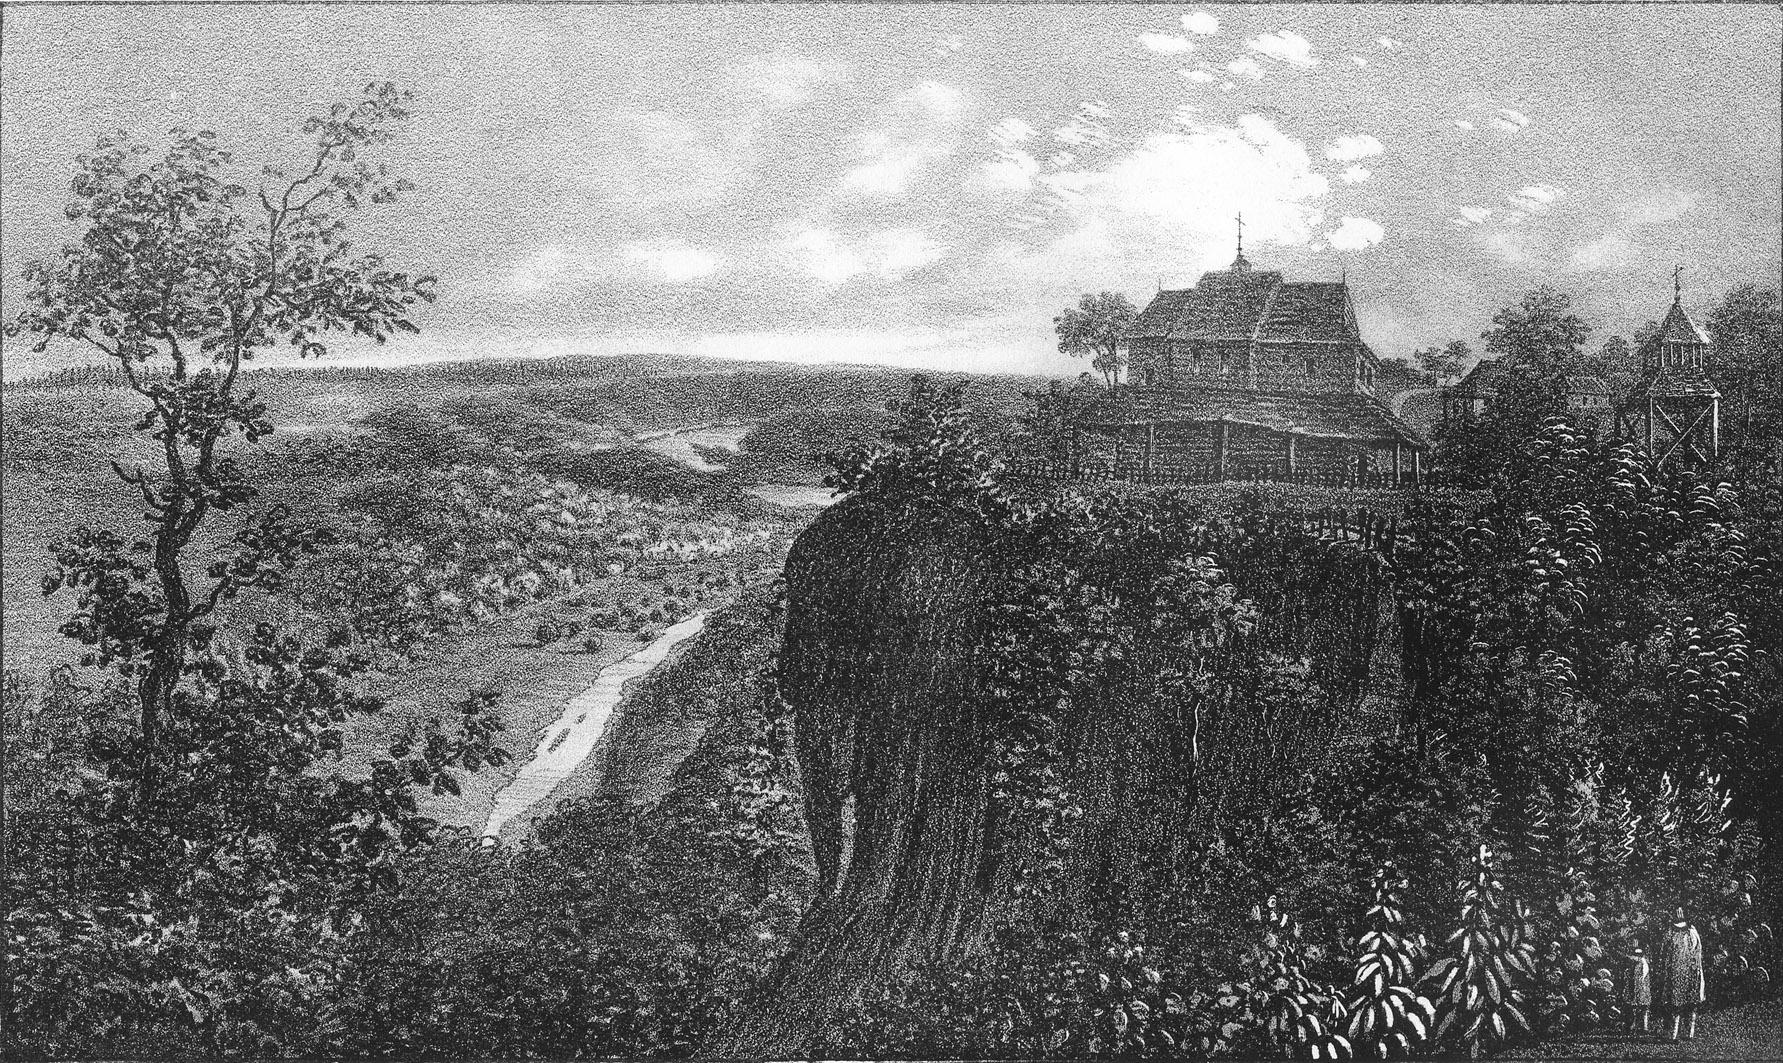 Мацей Боґуш Зиґмунт Стенчинський. Церква в селі Сокілець над Дністром, 1848